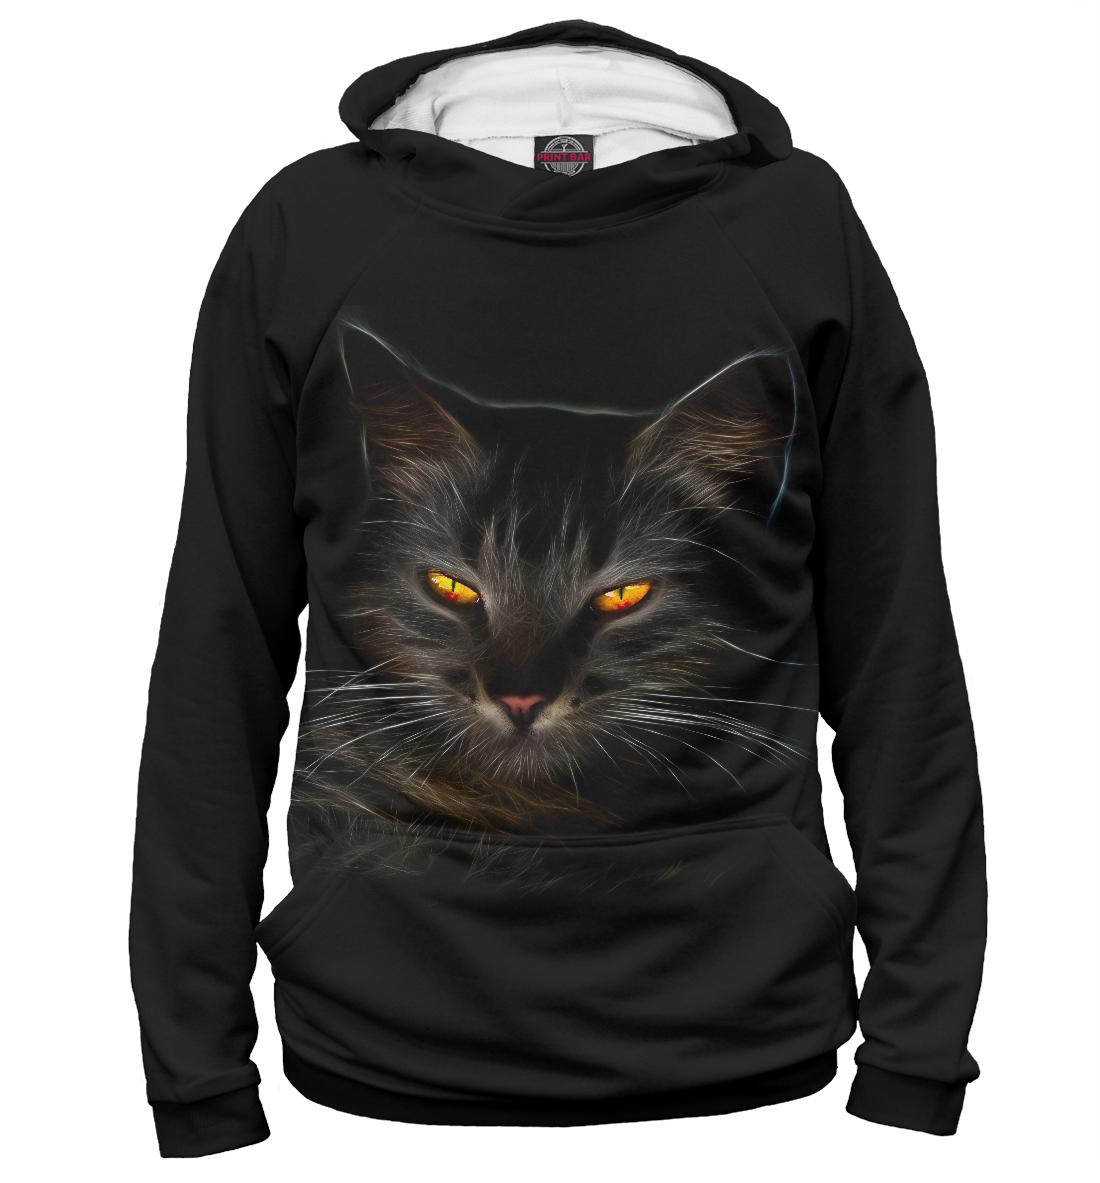 Фото - таинственный кот таинственный кот